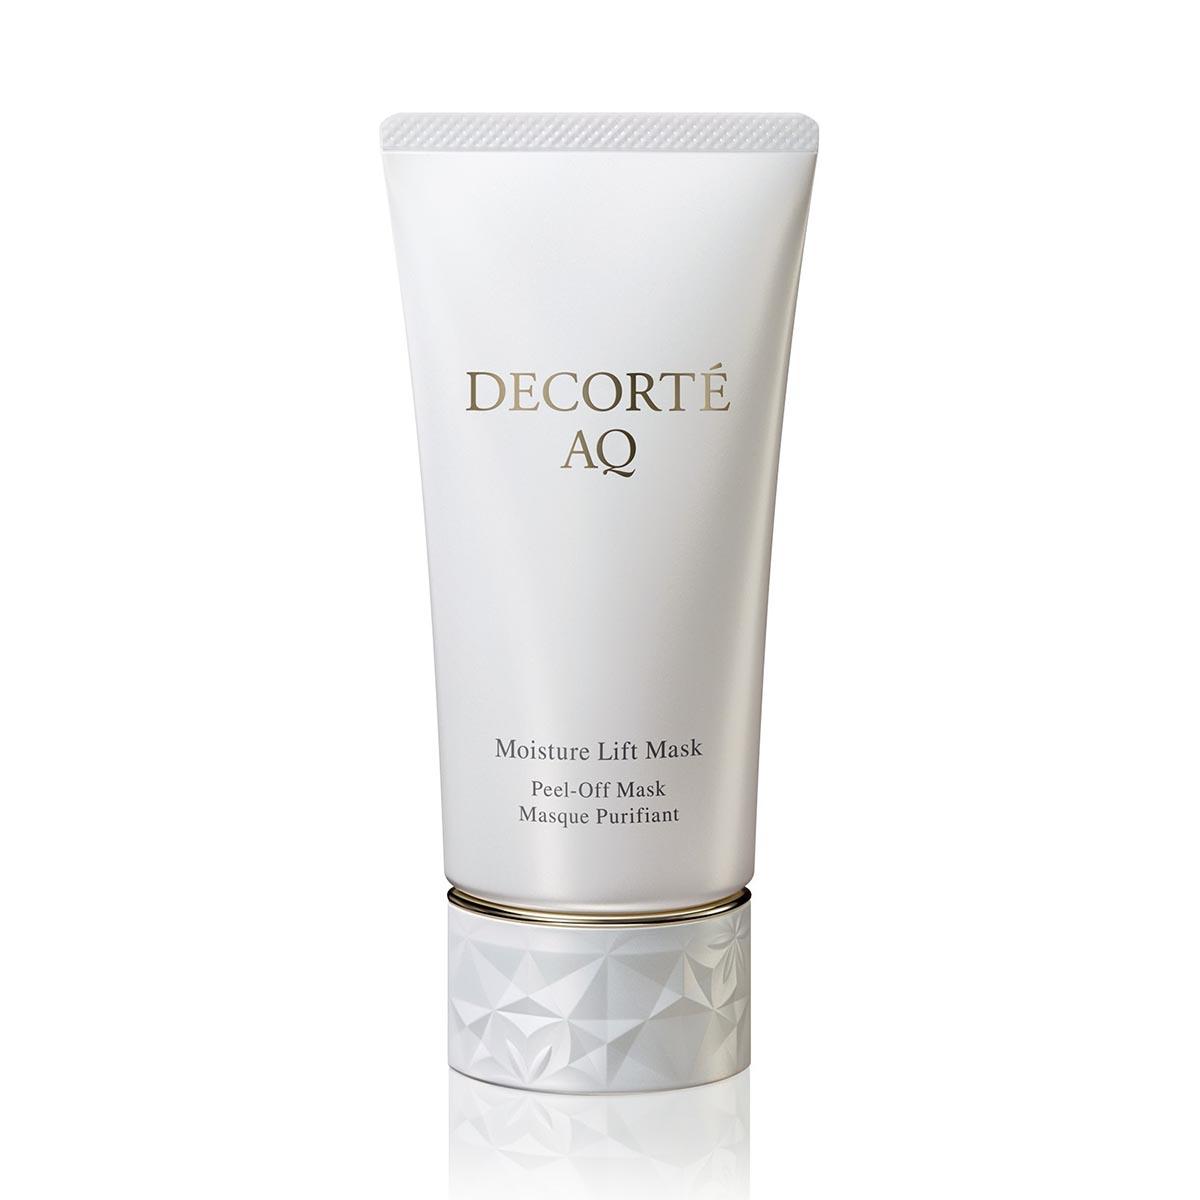 Decorte aq moisture lift mask 80ml